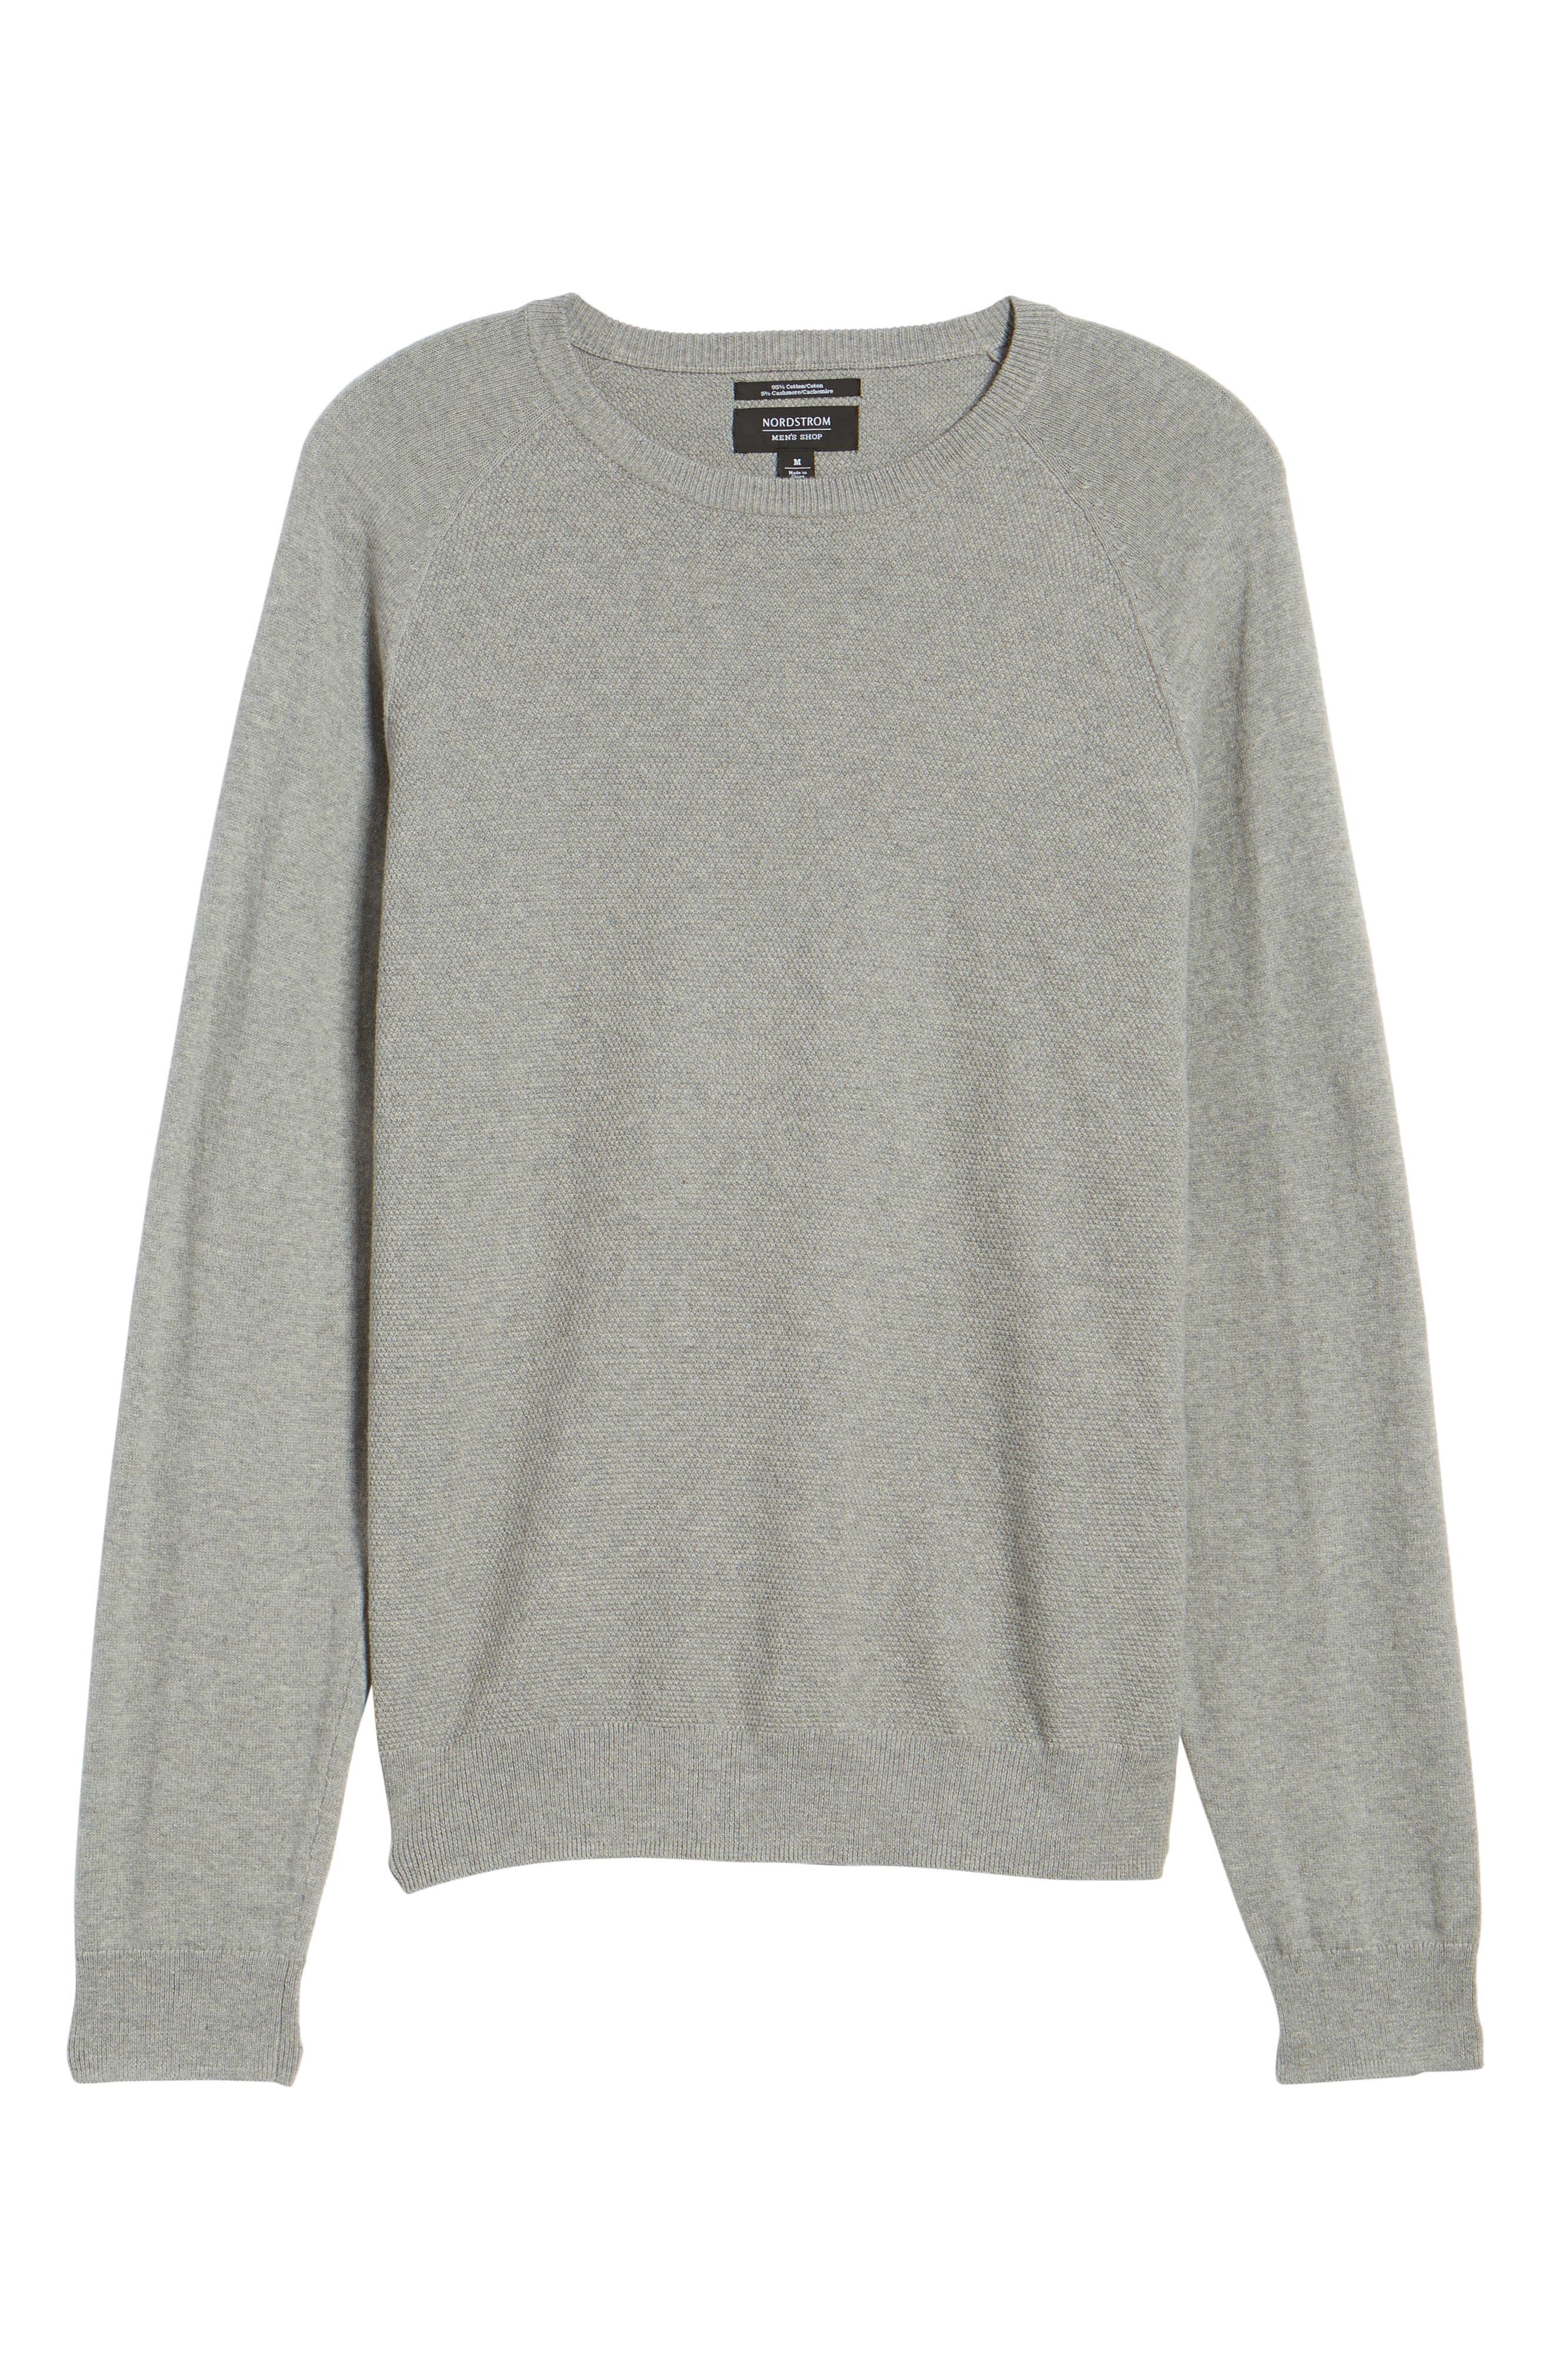 Crewneck Cotton & Cashmere Sweater,                             Alternate thumbnail 6, color,                             030